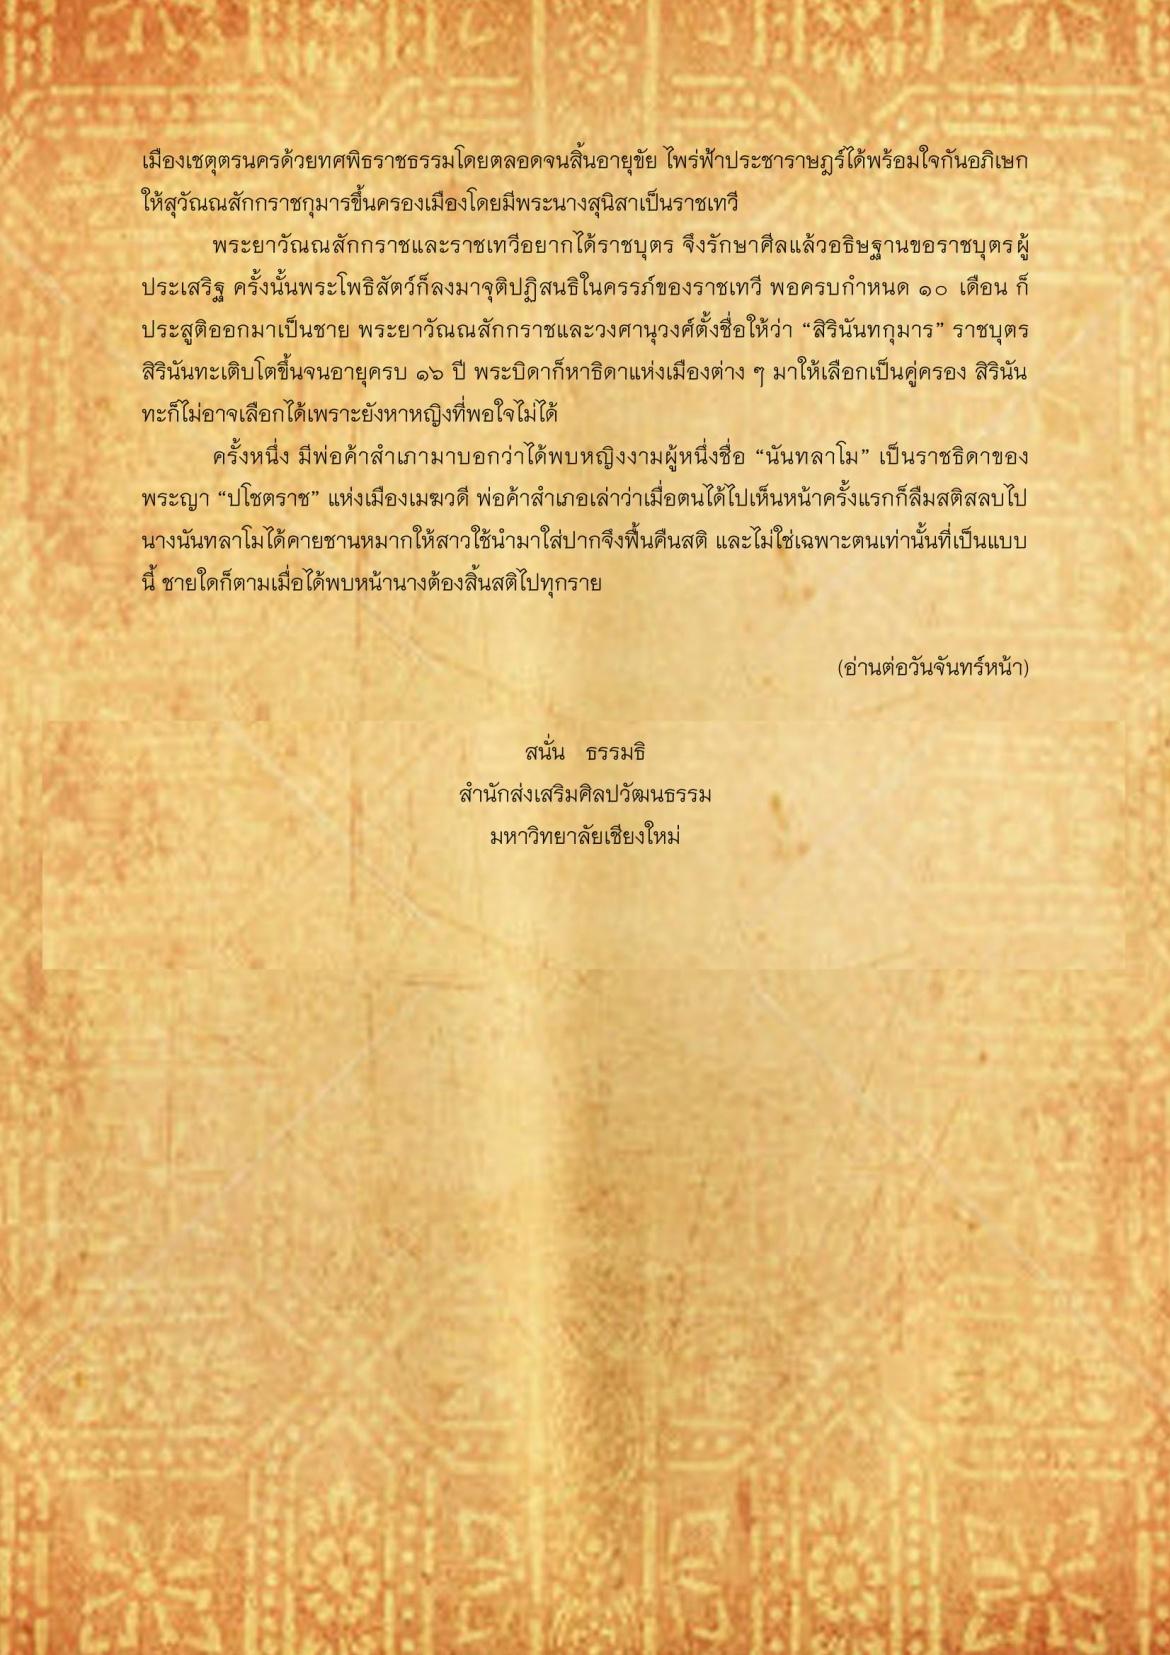 สิรินันทะ(2) - 13 มีนาคม 2560